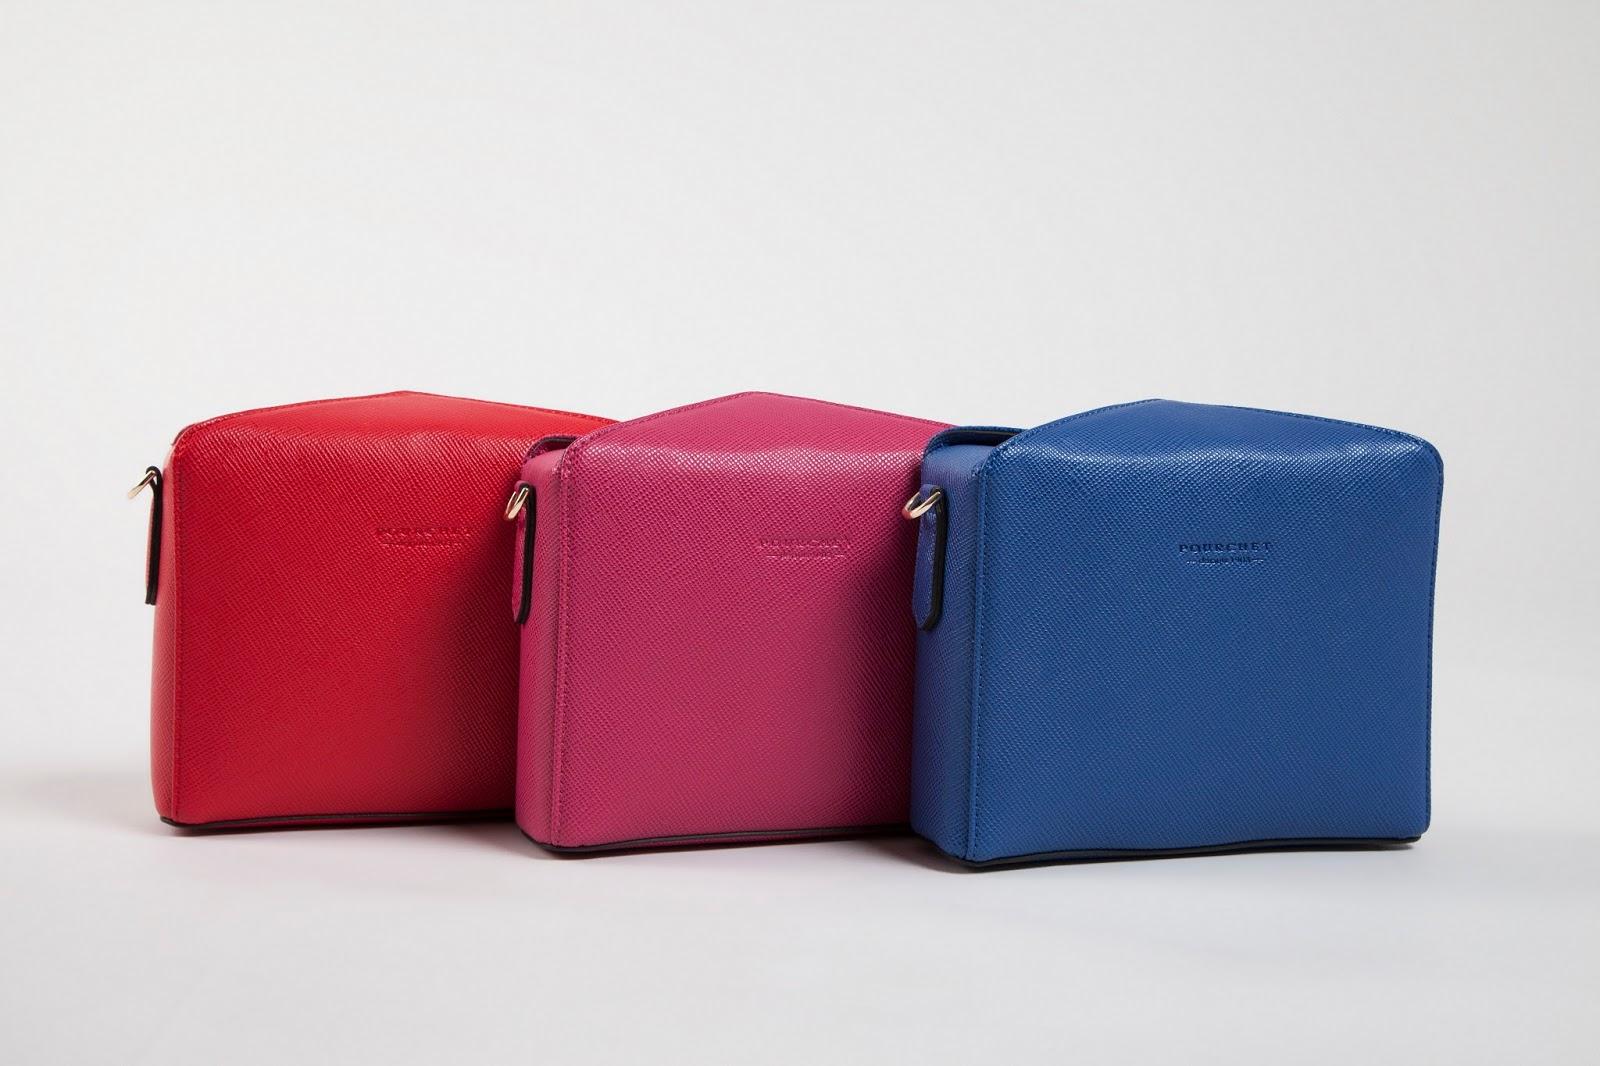 2a9352823c Le sac Cassetta de chez Pourchet | DAME SKARLETTE